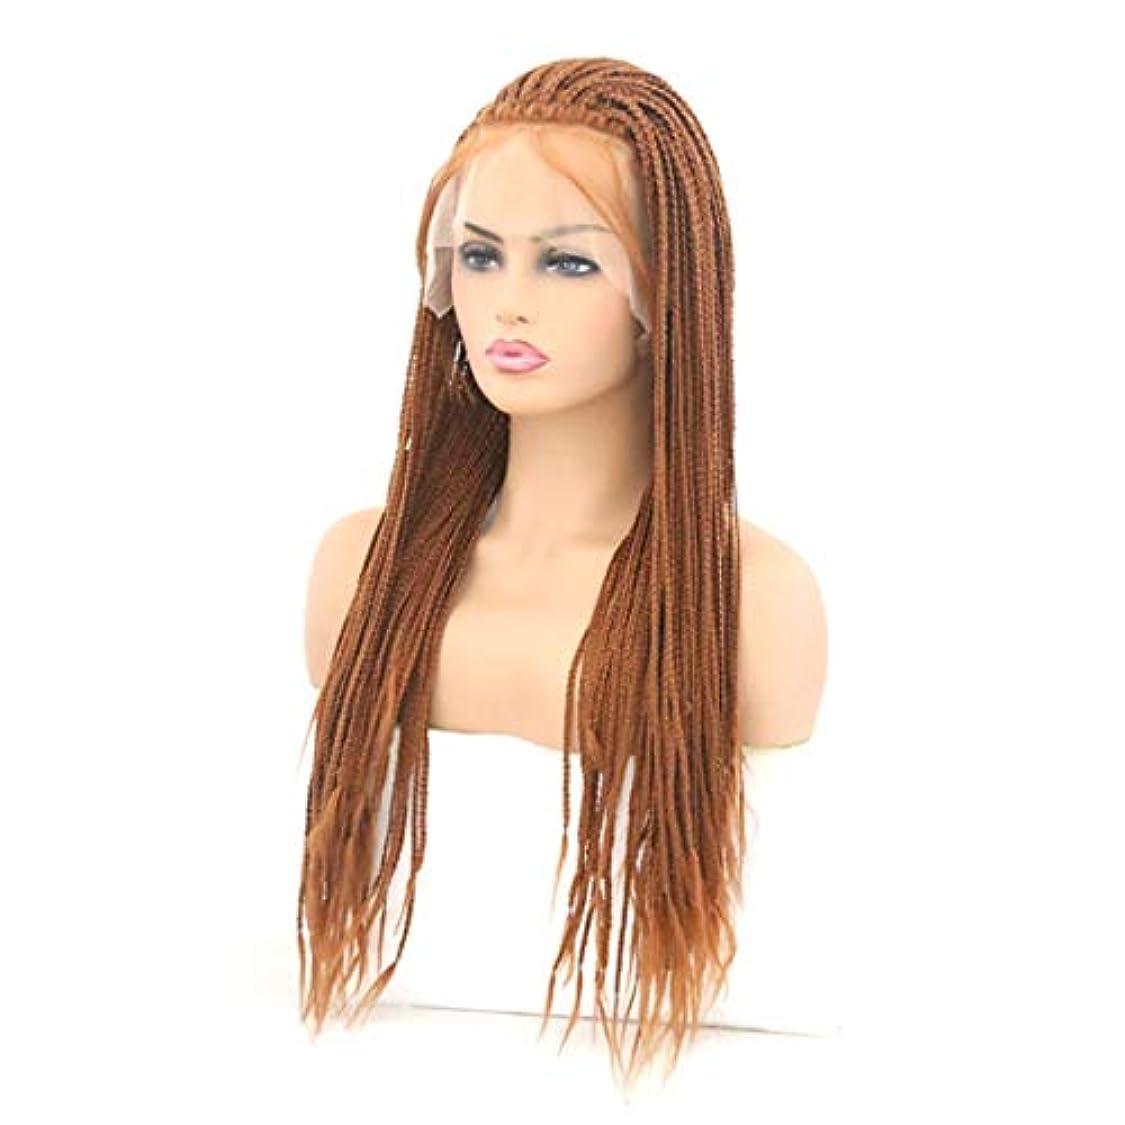 外部どこ夕食を作るKerwinner かつら女性のための傾斜前髪ショートカーリーヘアーワインレッド高温シルクウィッグ